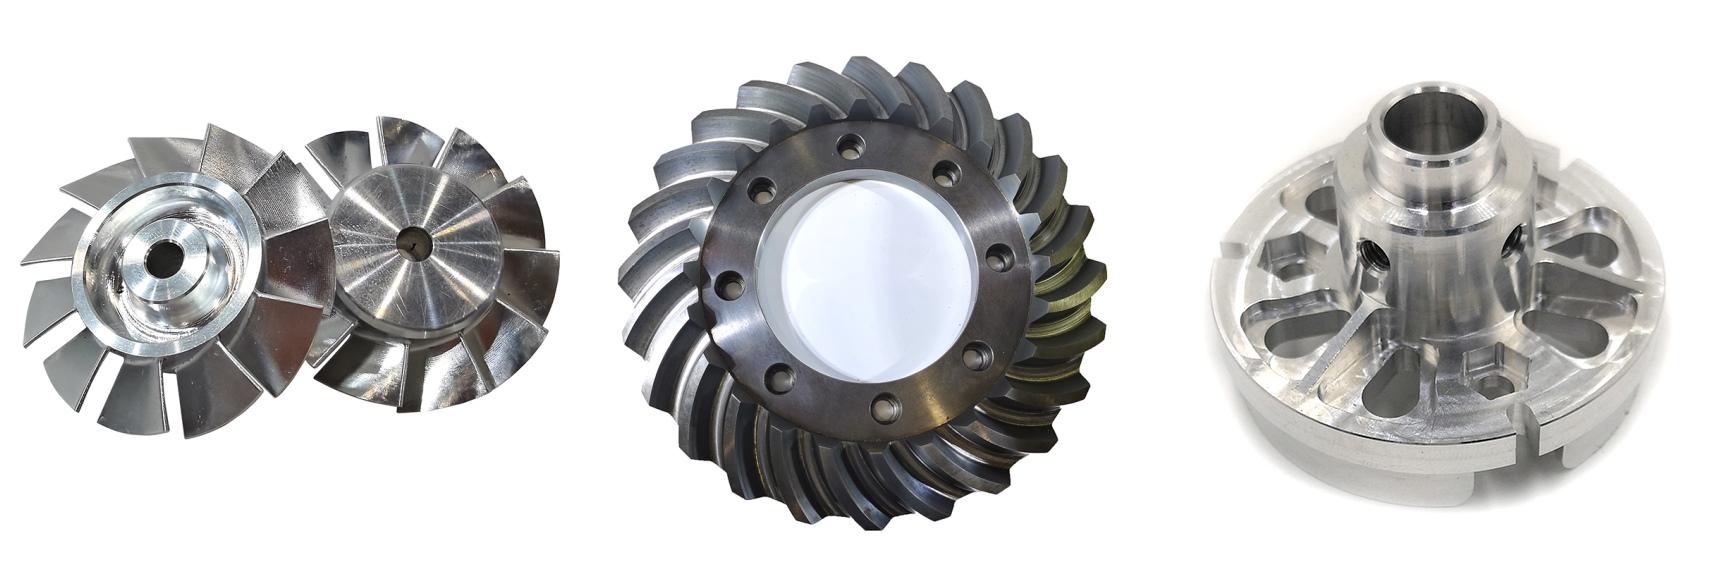 CNC Machining Components-2